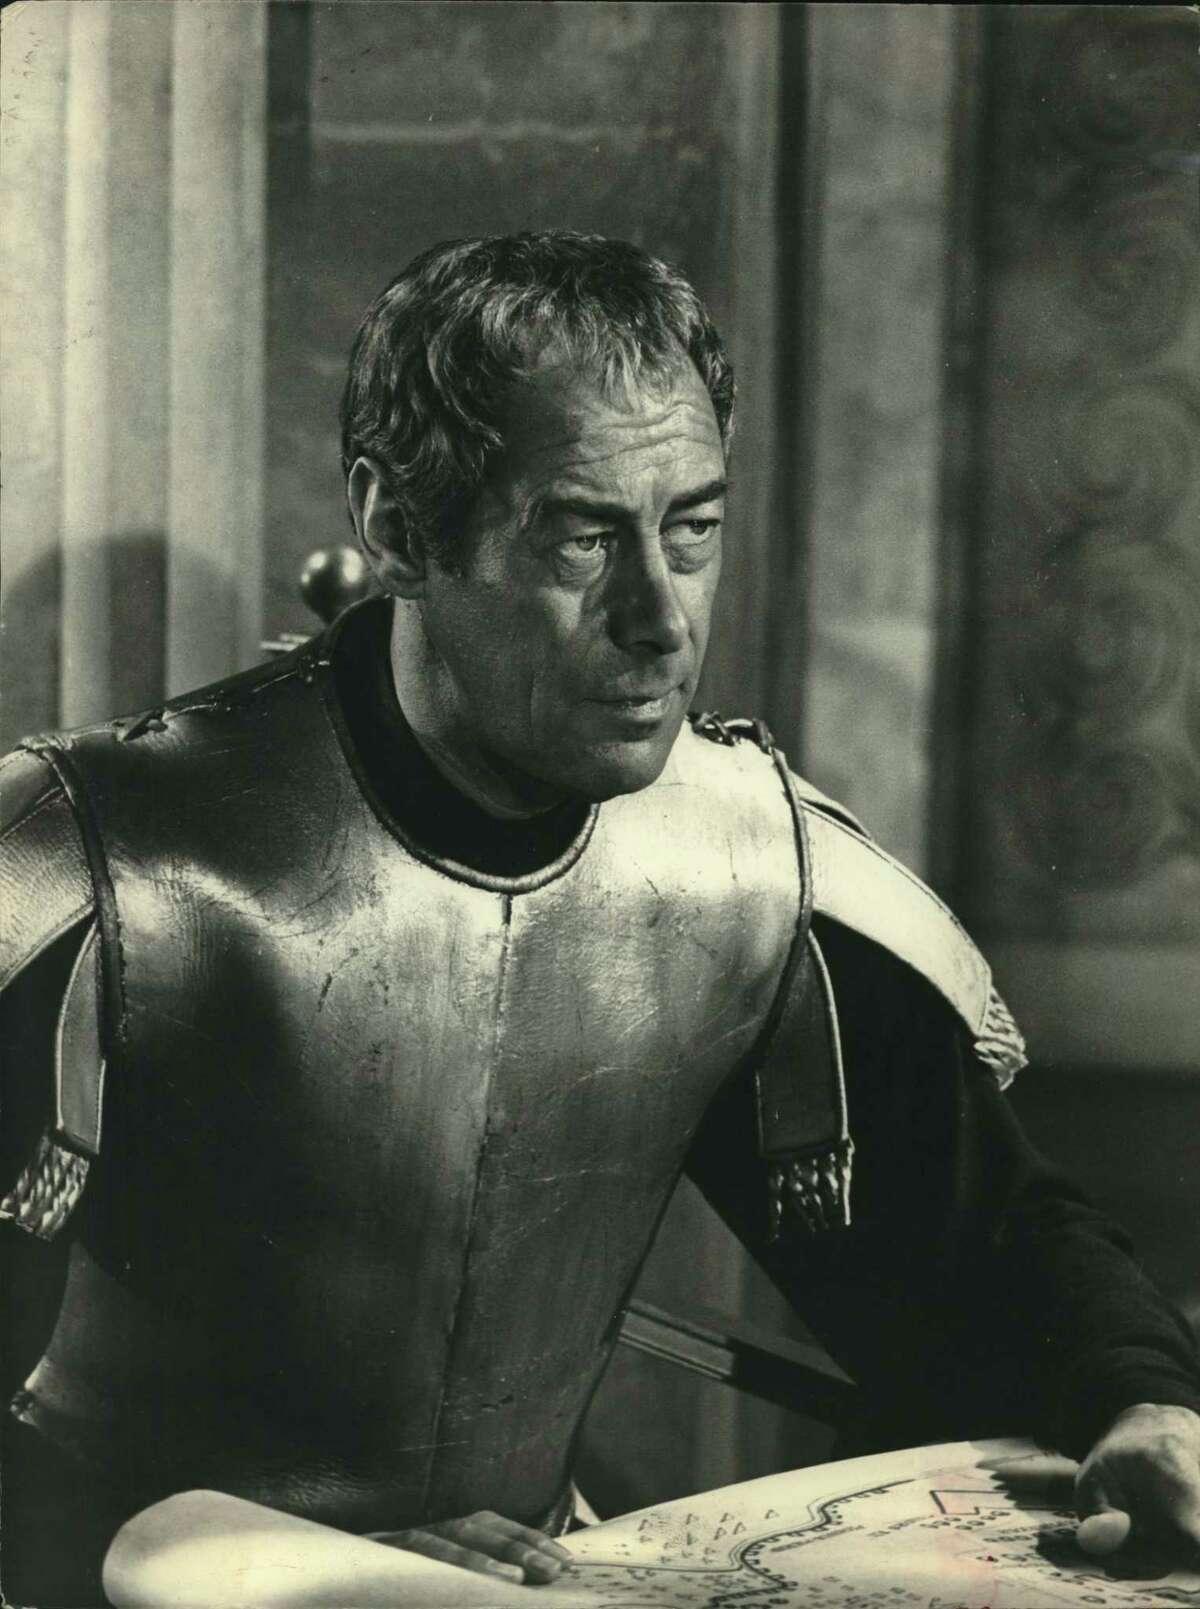 Rex Harrison as Julius Caesar in a scene from